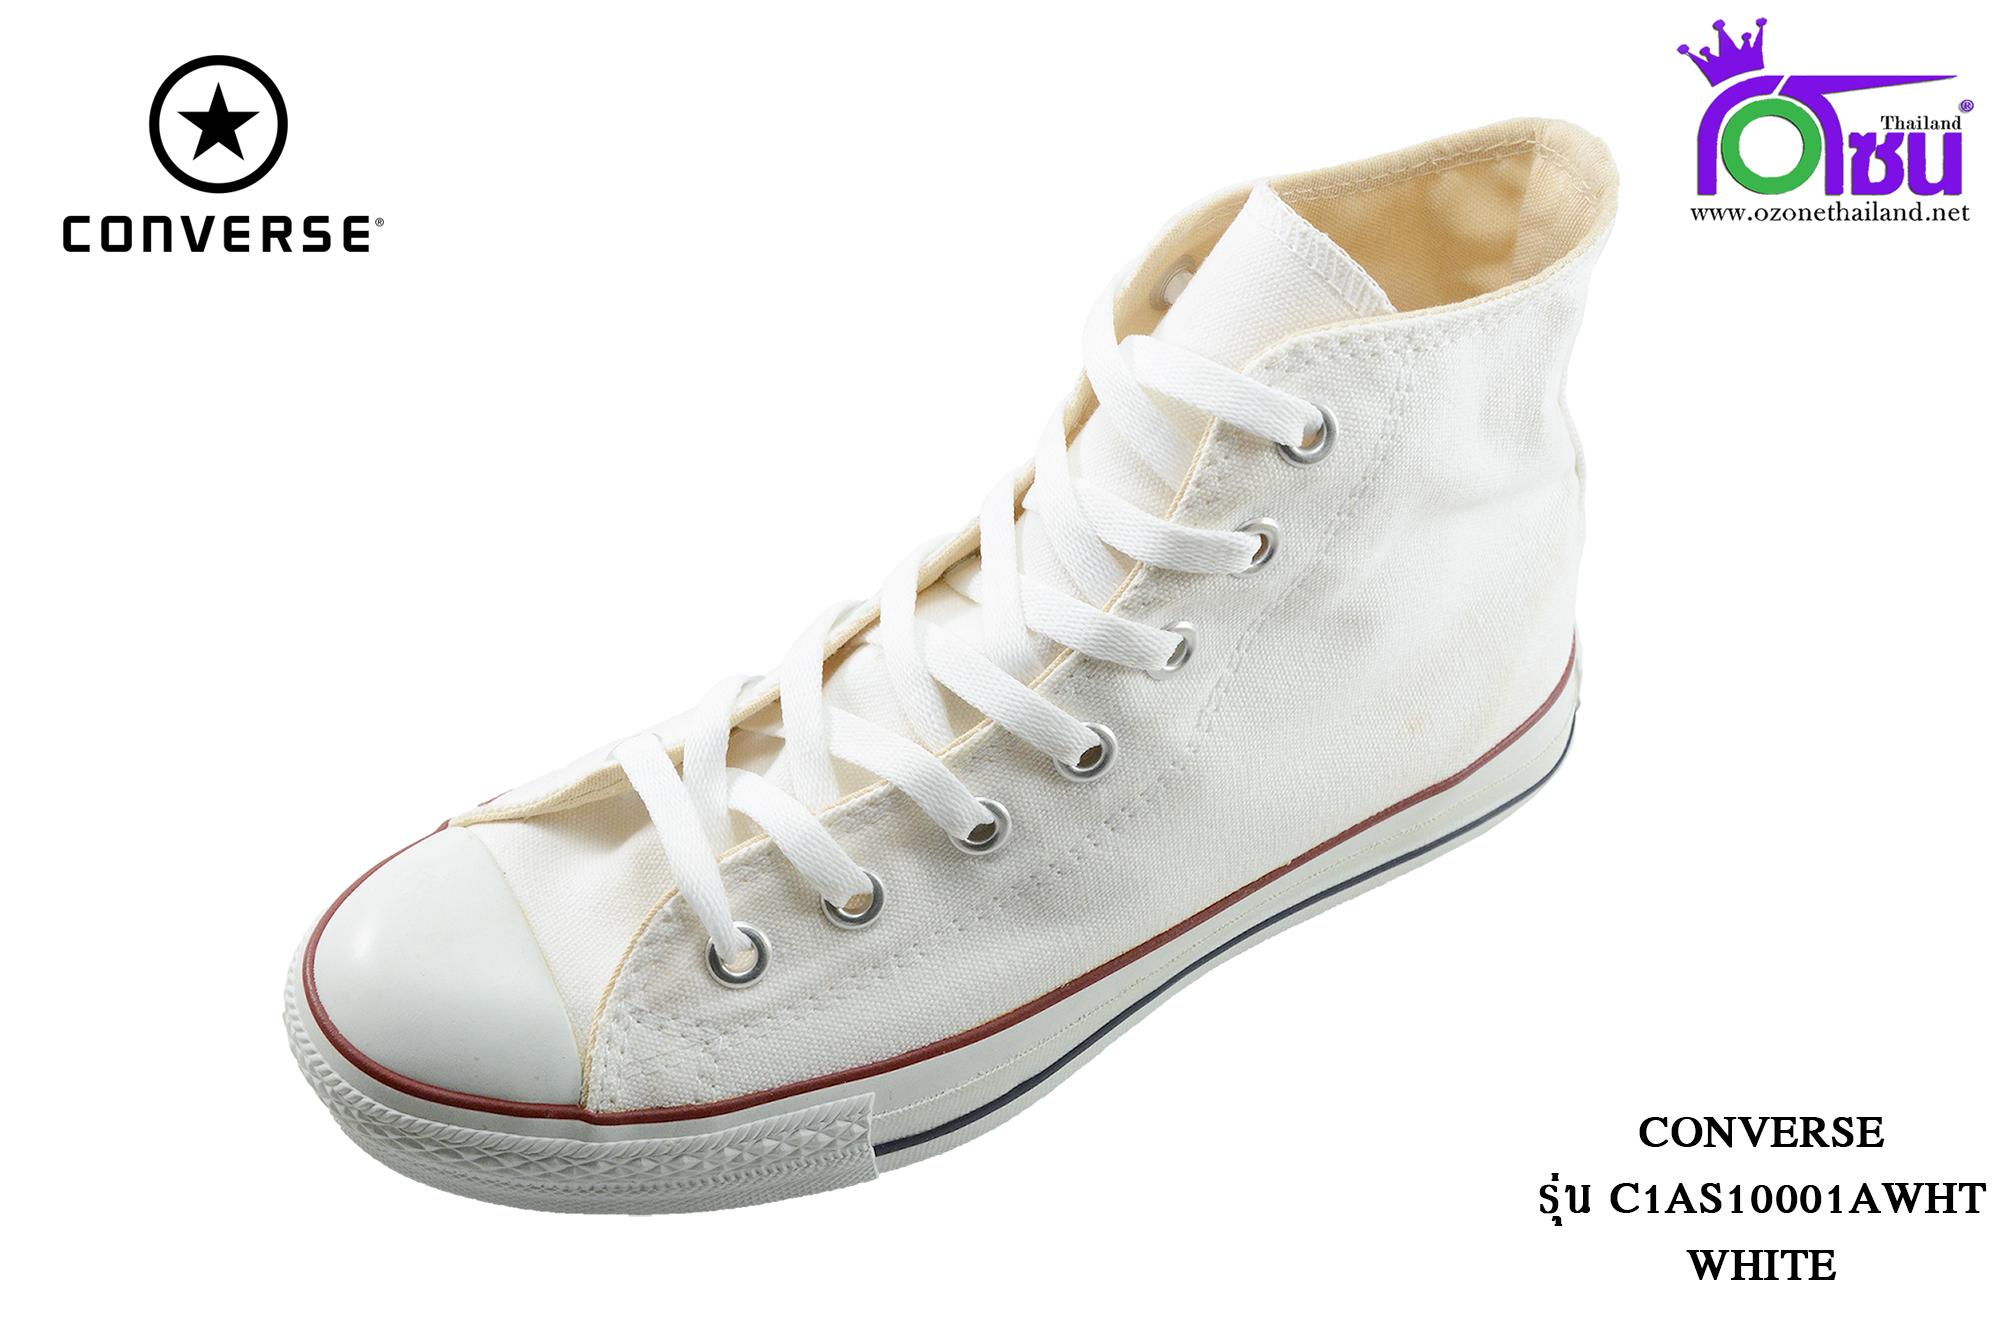 รองเท้าผ้าใบ Converse All Star hi white (รุ่นคลาสสิค)